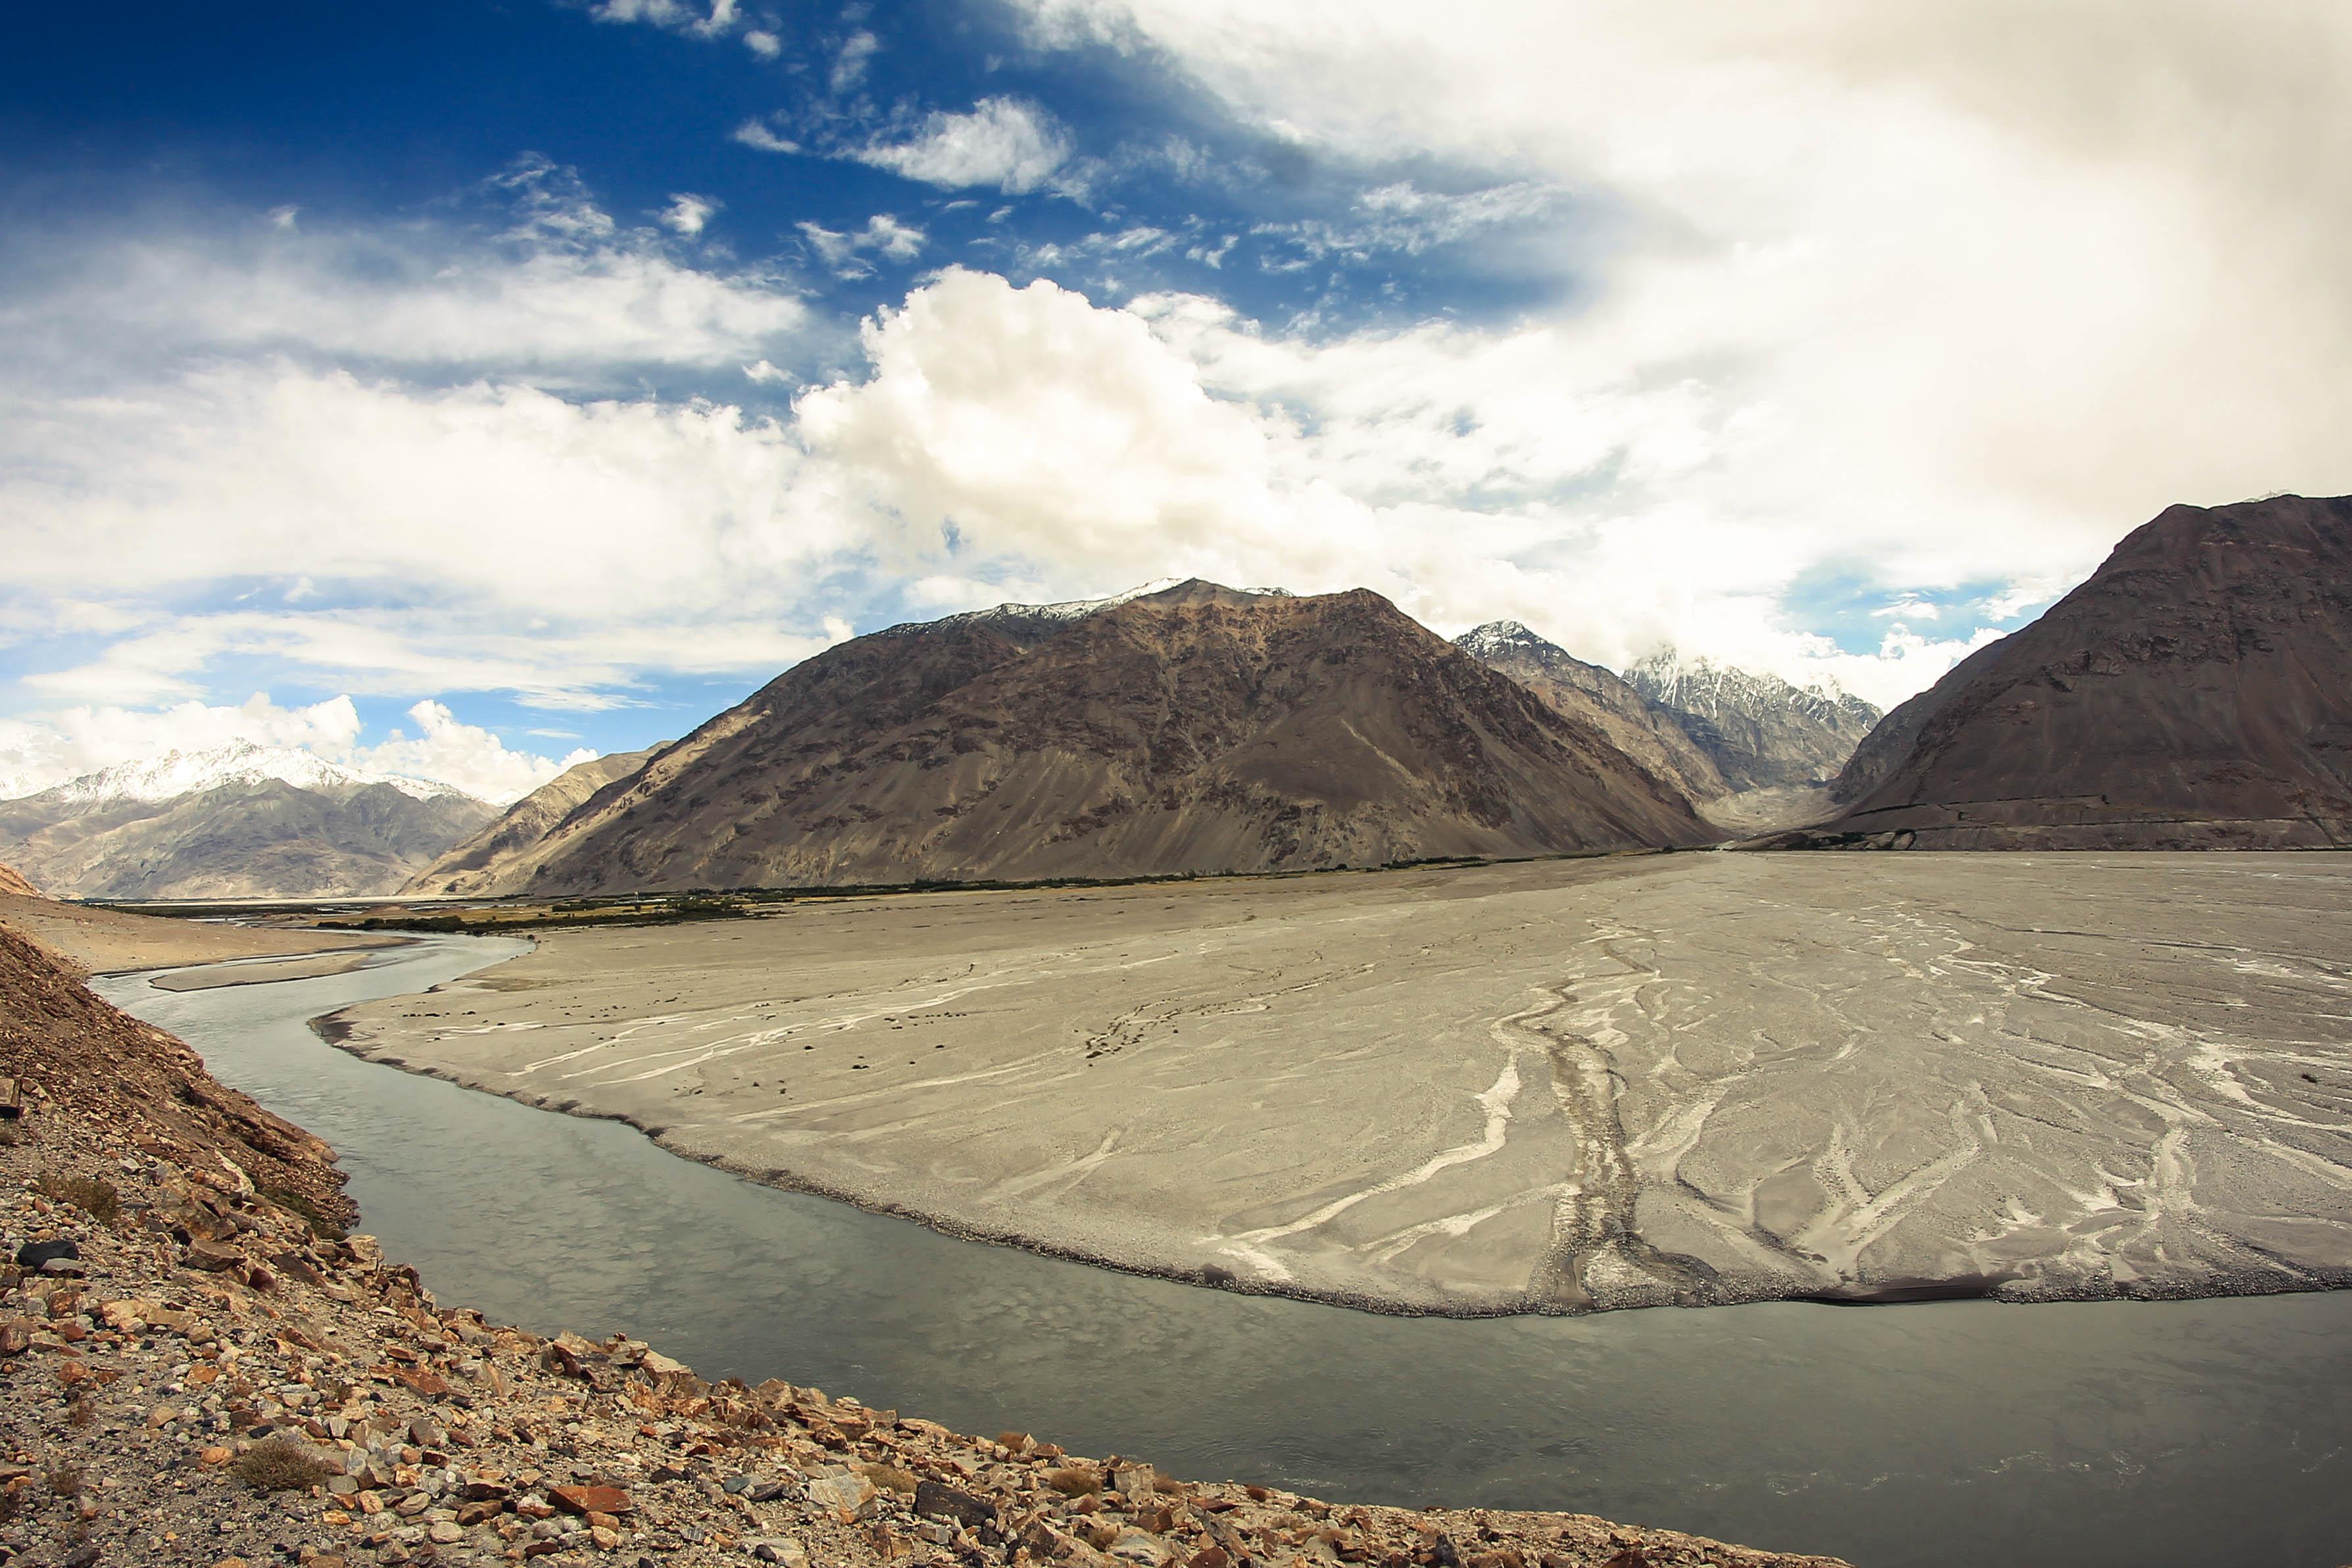 Rozlewająca się rzeka Pandż i Afganistan po drugiej stronie.